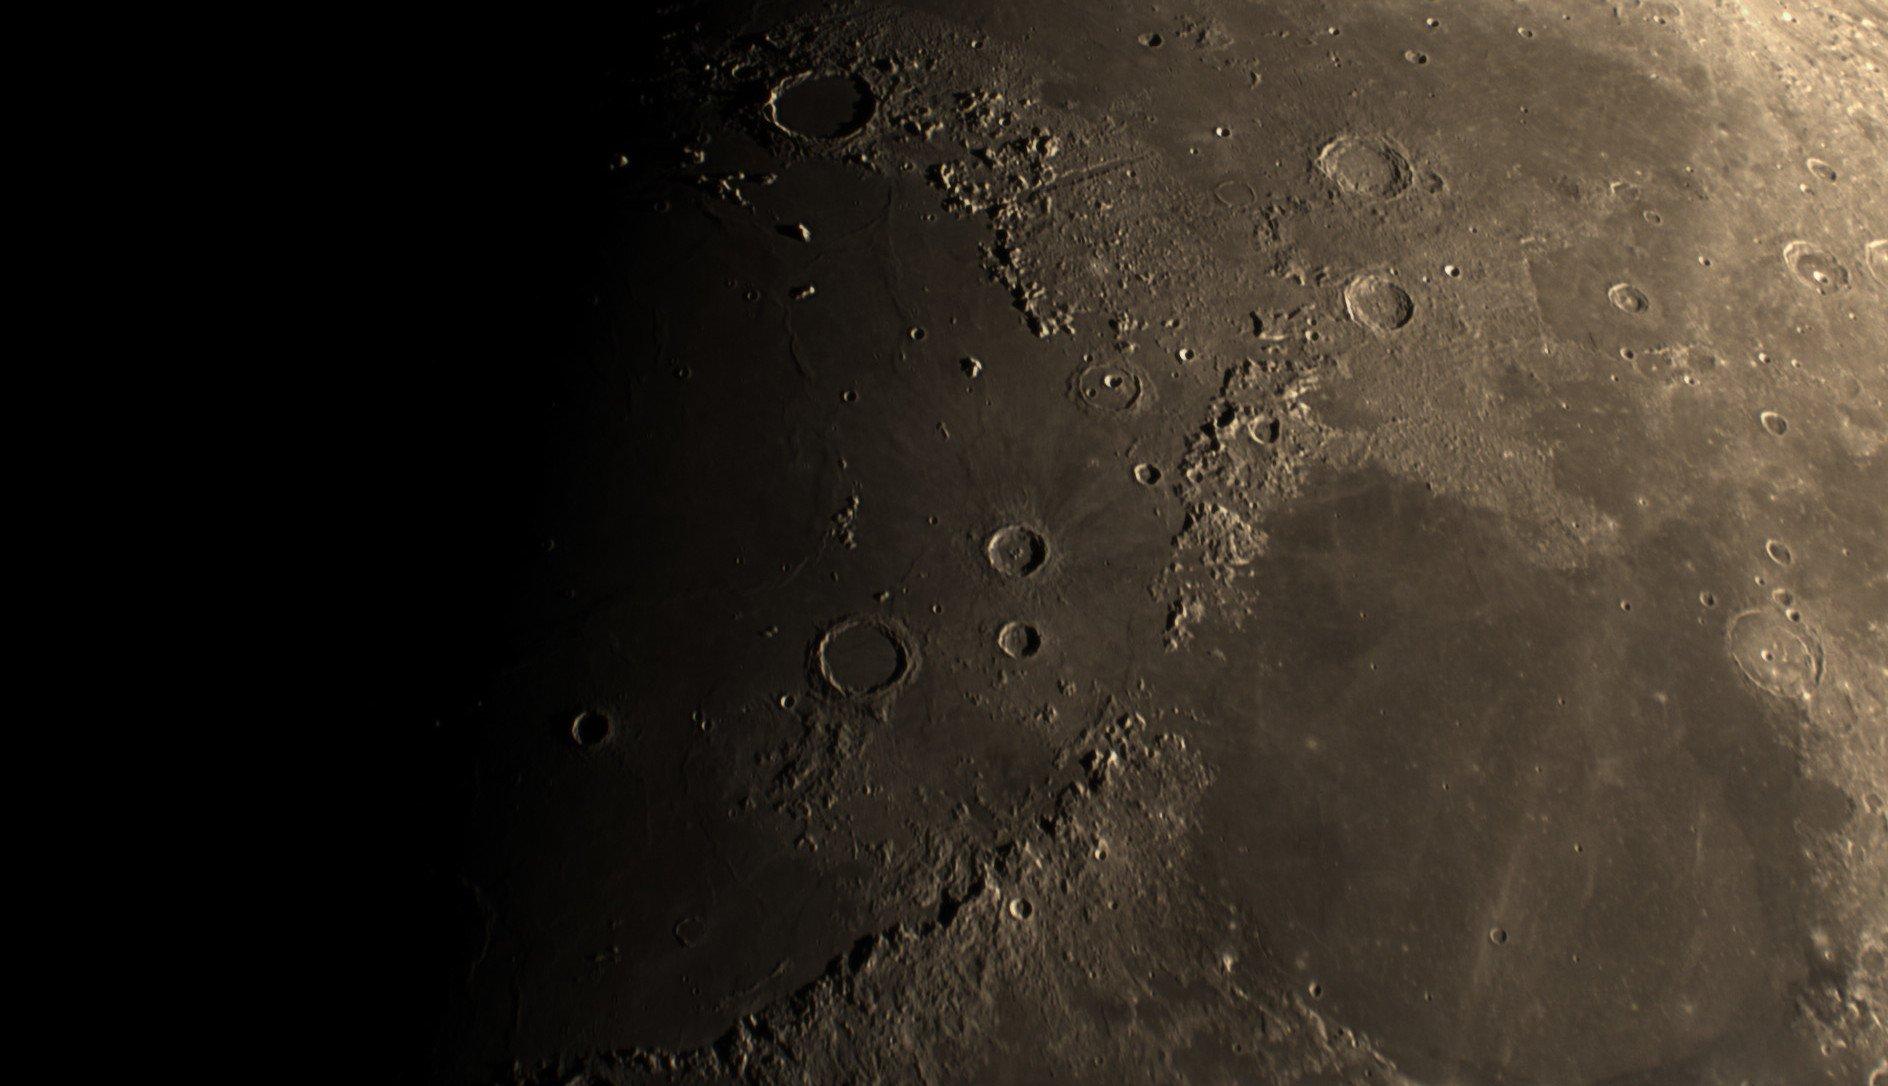 2021-08-16-1957 9-Moon Lapl5 Ap11156 Conv 1